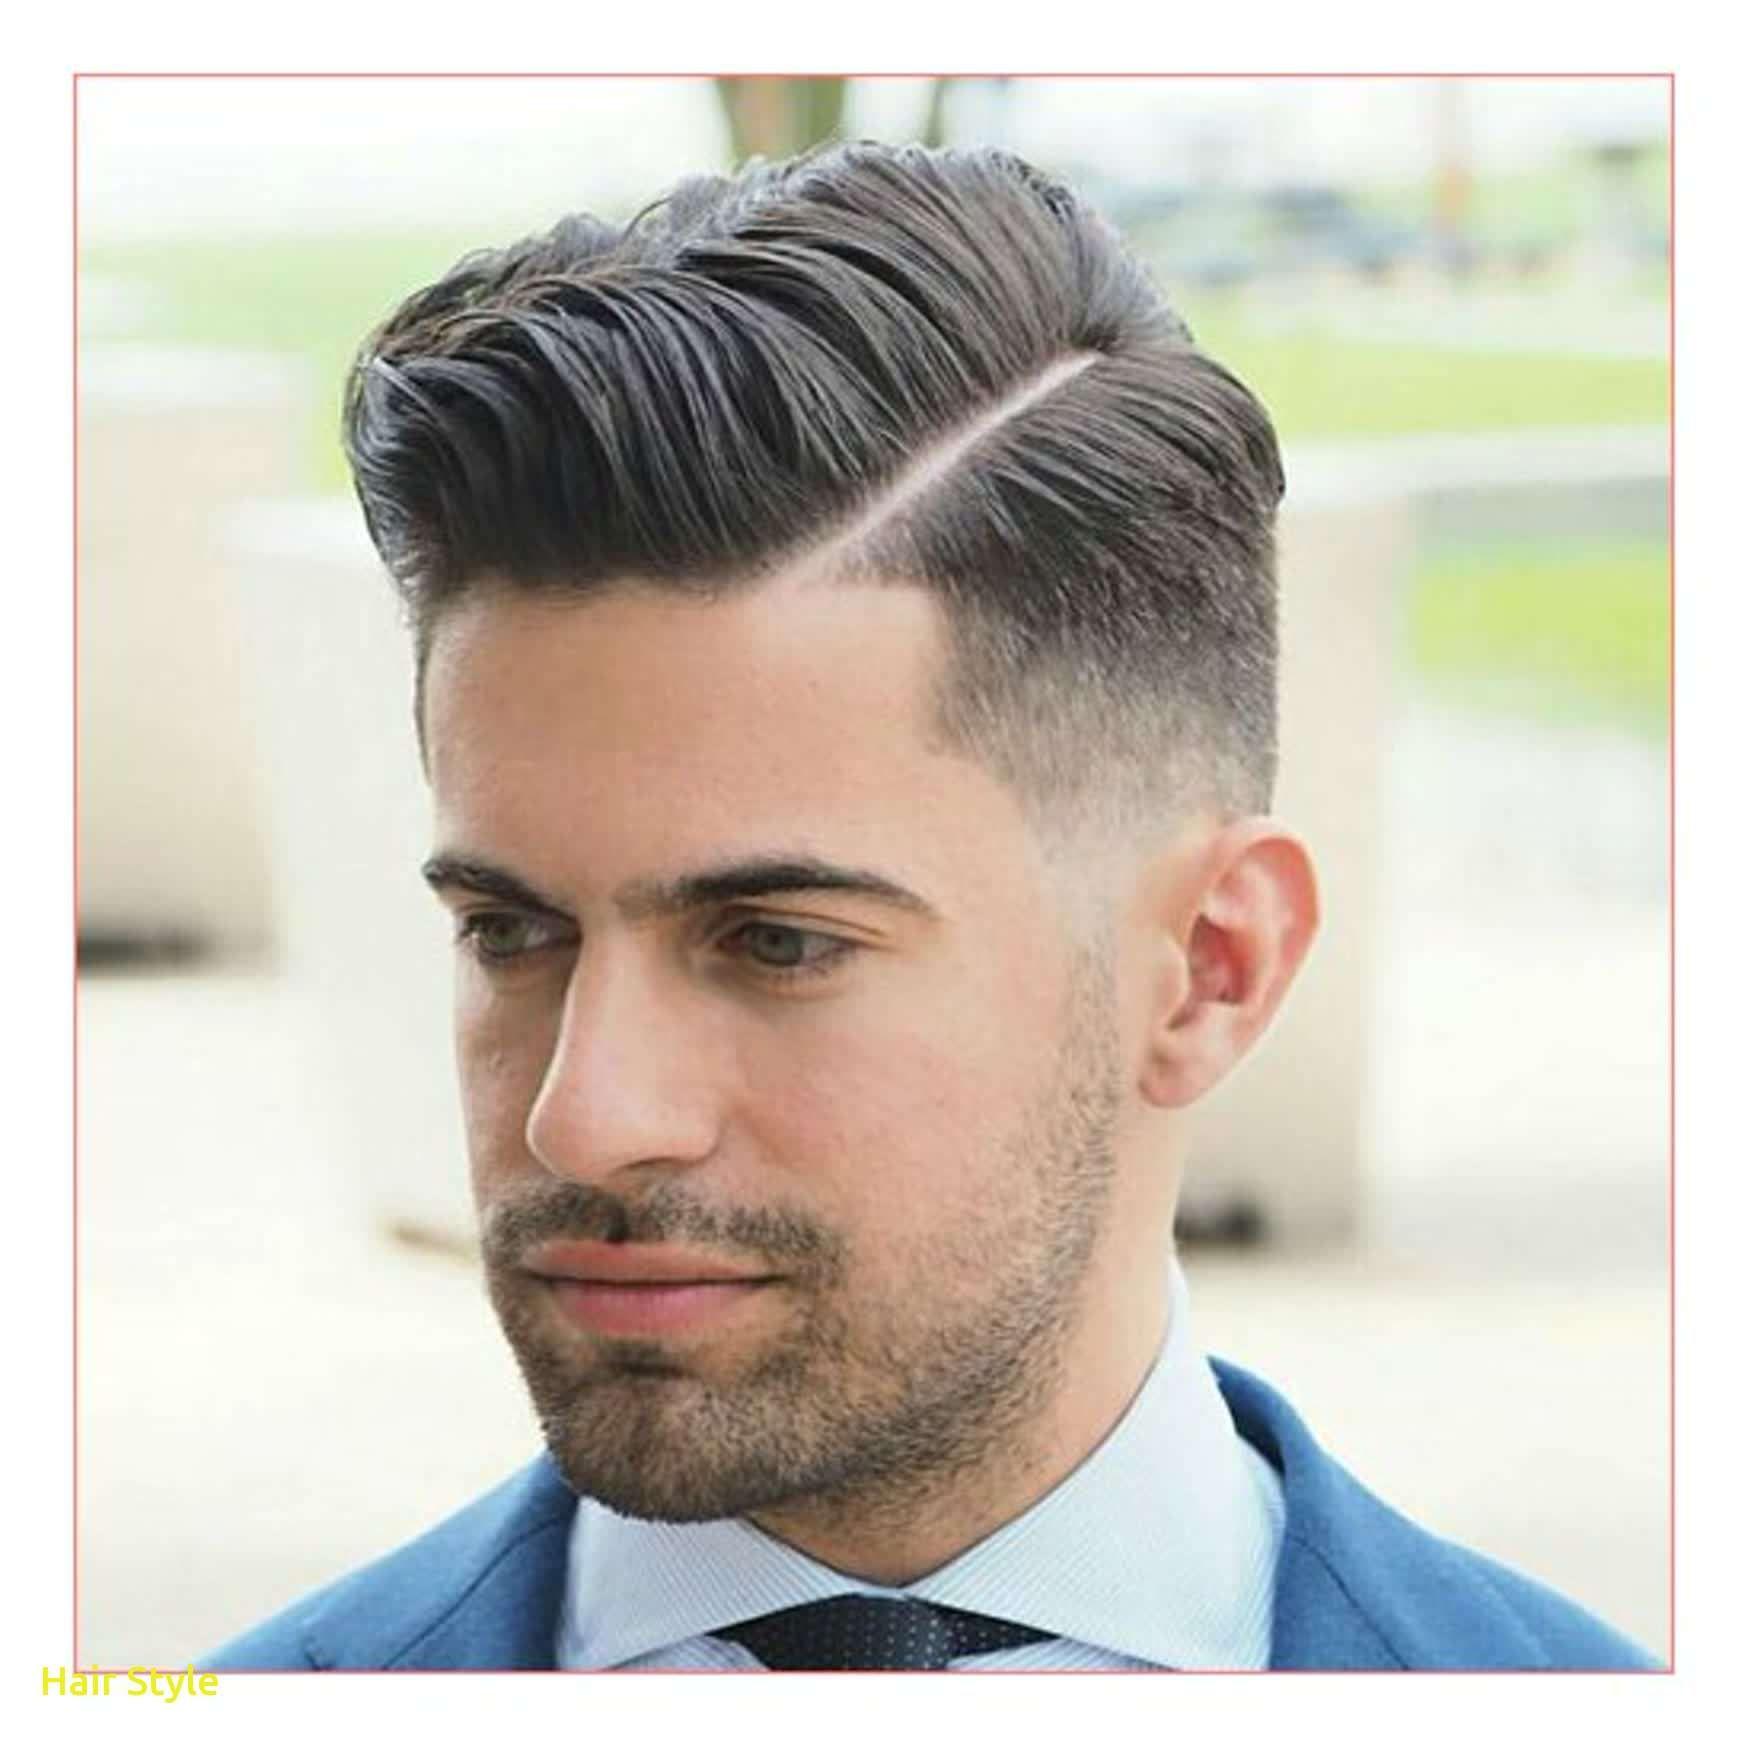 Bestes Der Einfachen Frisur Manner 2019 Frisur Ideen 2019 Hair